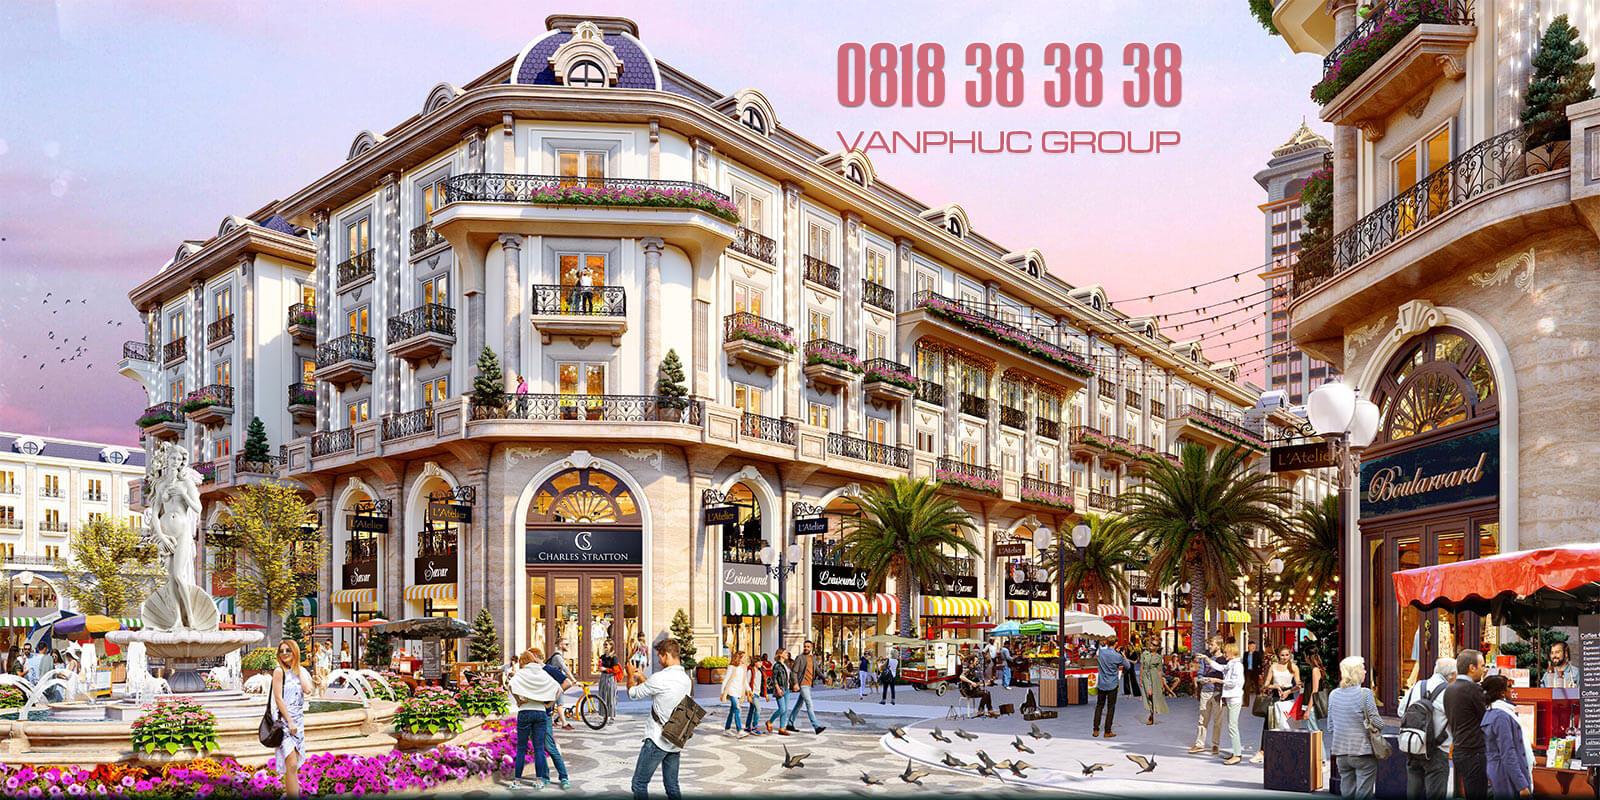 Tin chuyển nhượng nhà phố Van Phuc Royal thương mại mới nhất 2021